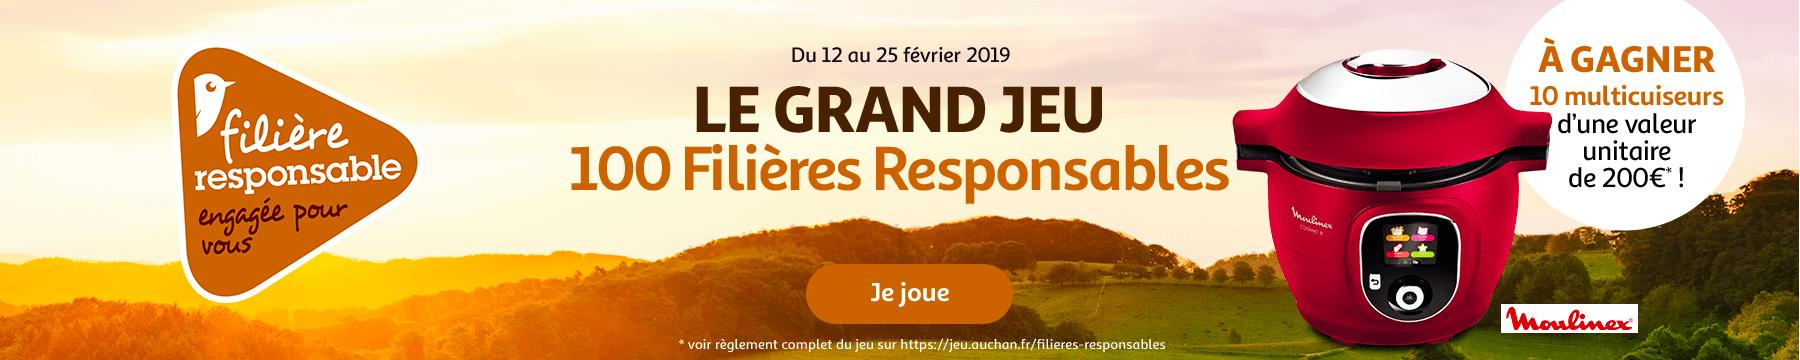 Du 12 au 25 février 2019 : Le grand jeu 100 Filières responsables